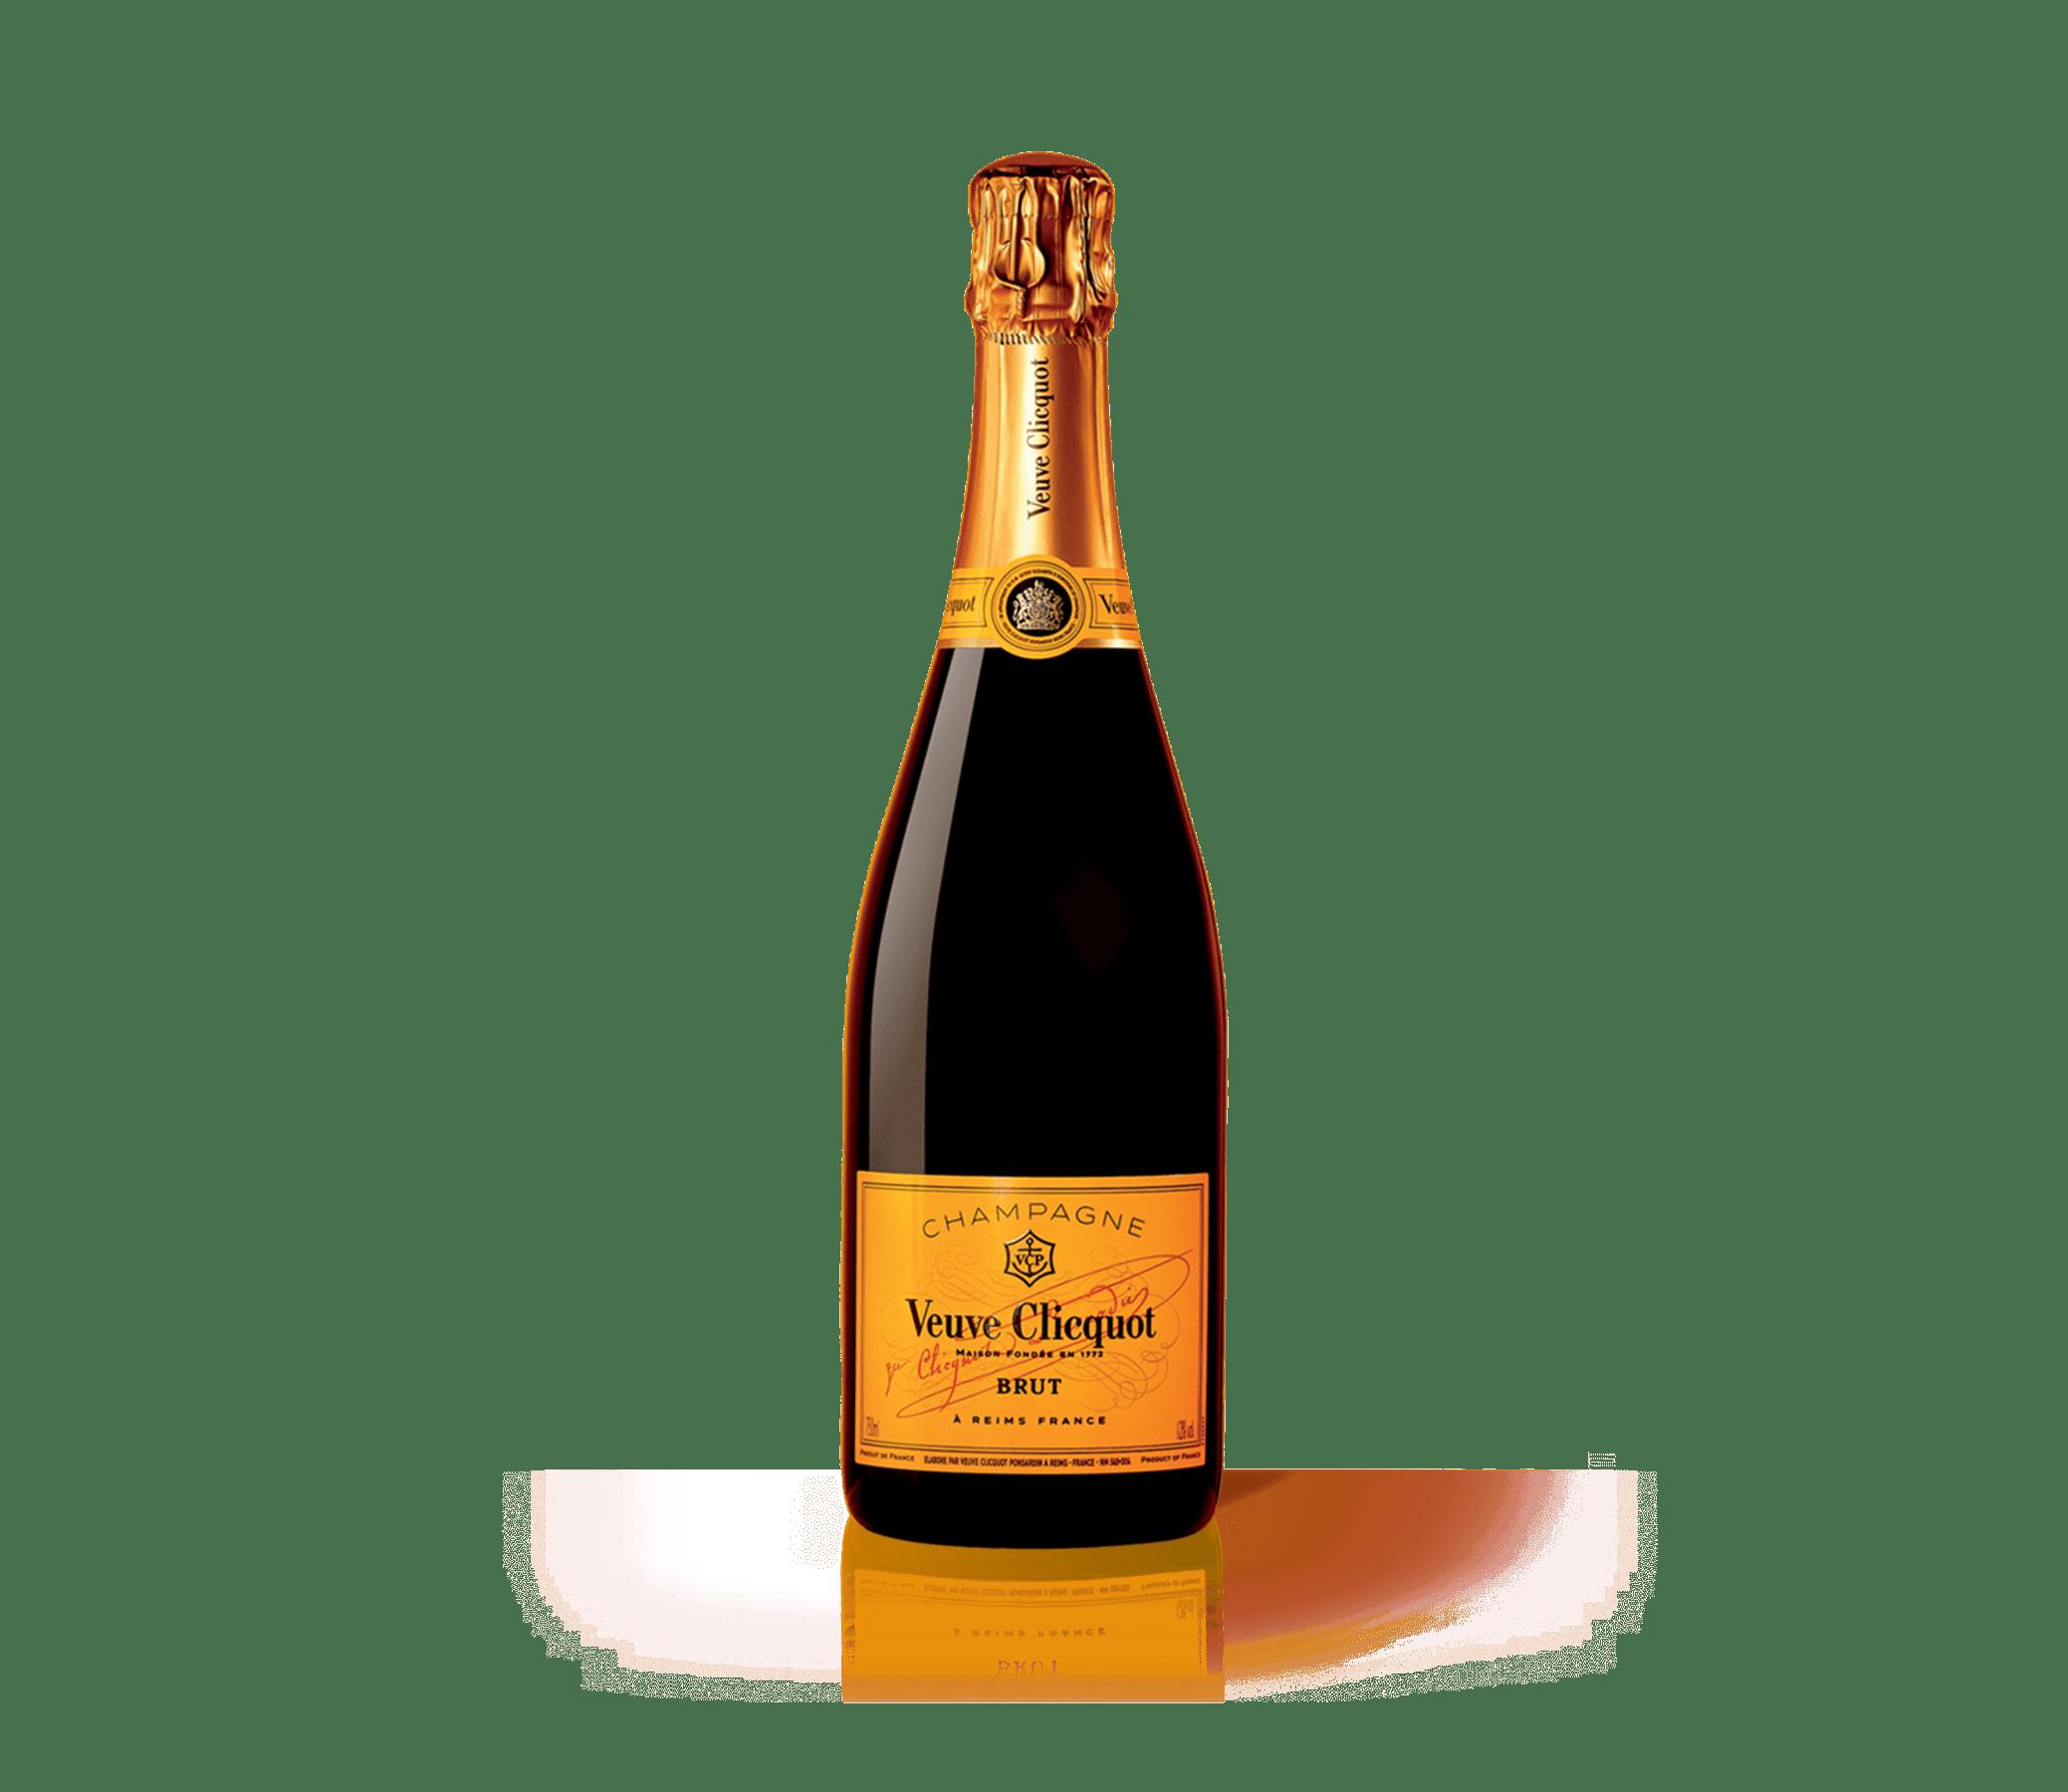 Bottle Veuve Clicquot Champagne Brut